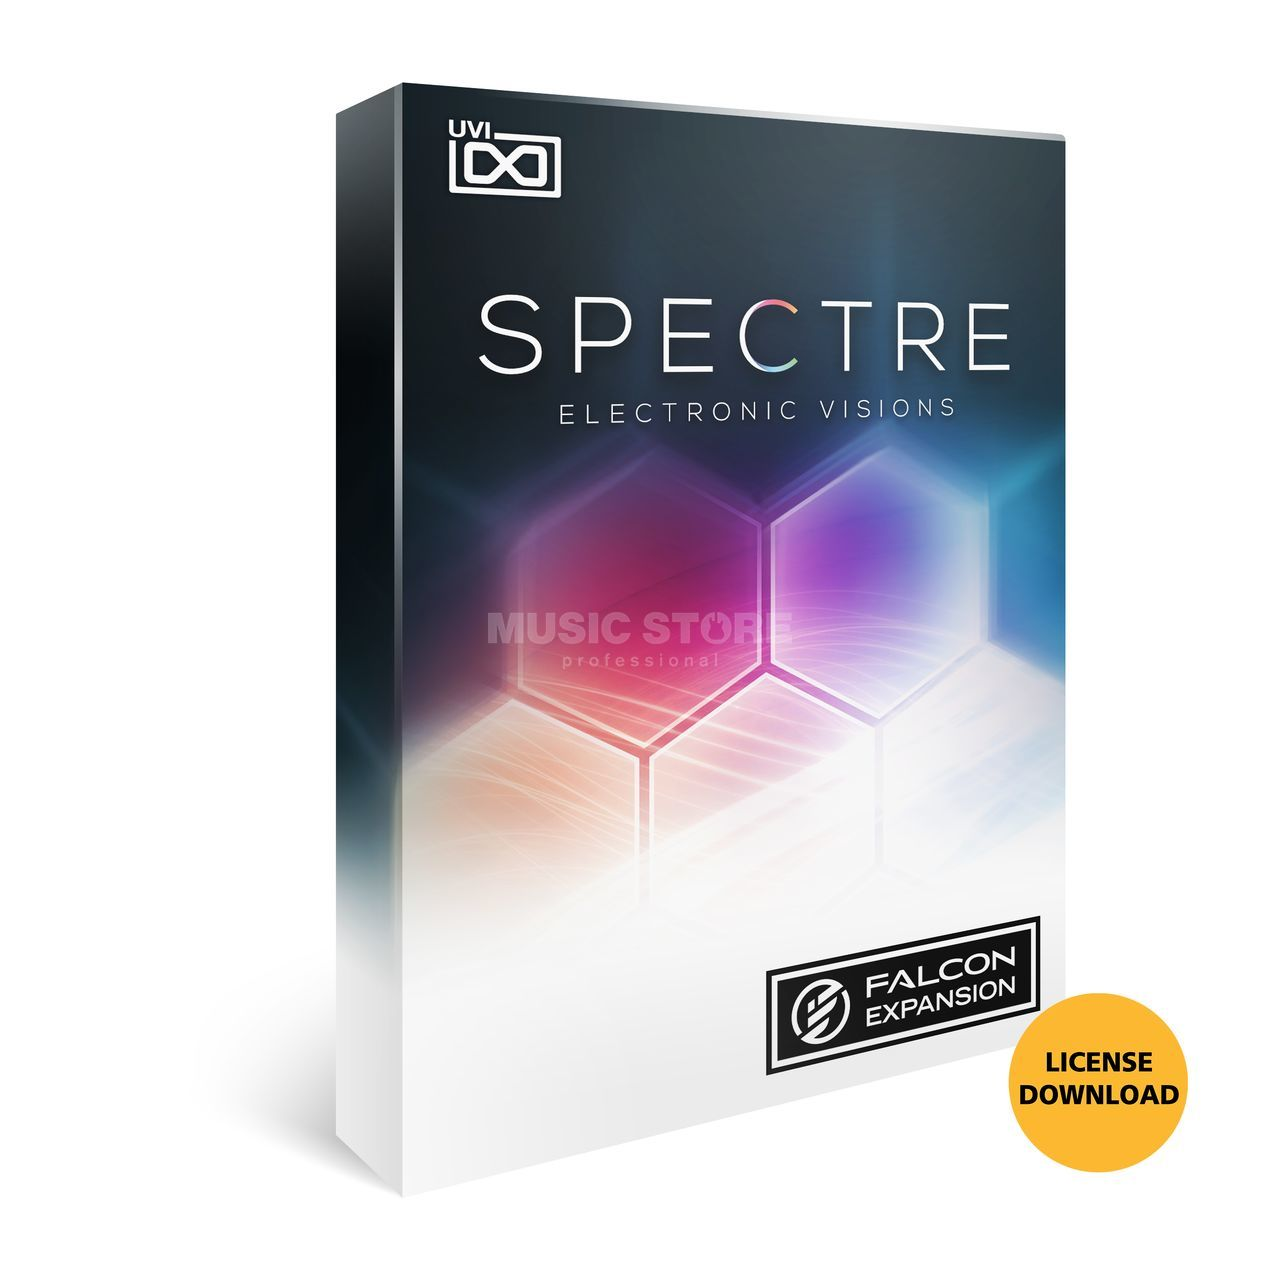 UVI Falcon - Spectre (CODE) Expansion for Falcon   MUSIC STORE professional